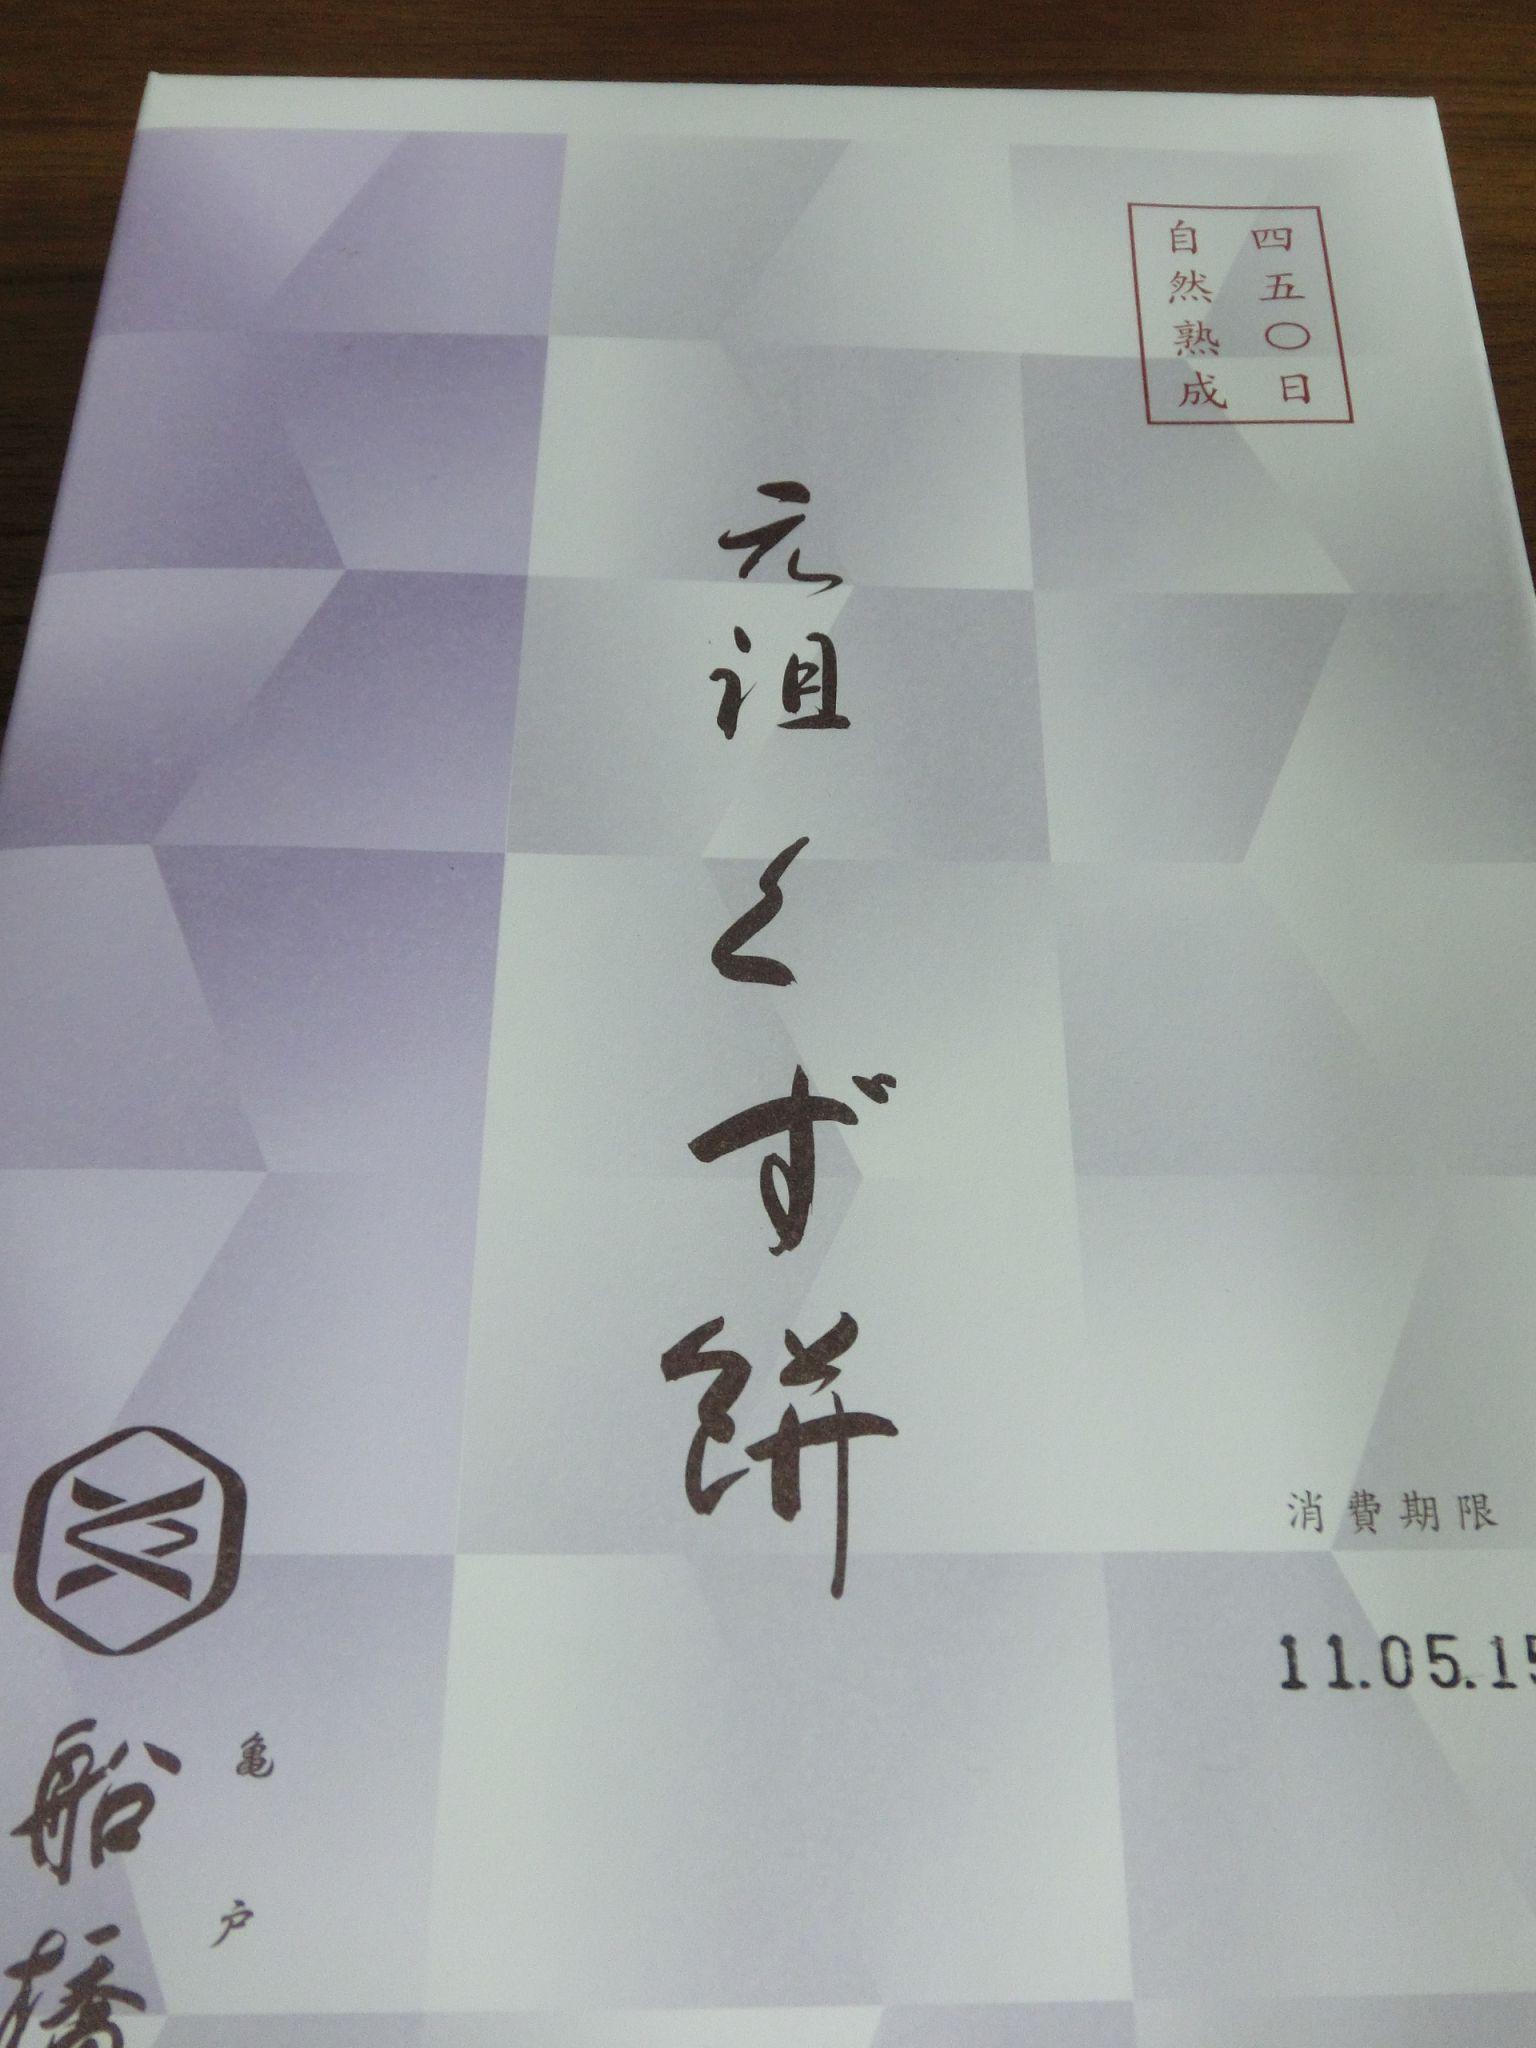 西牟田様ありがとうございます